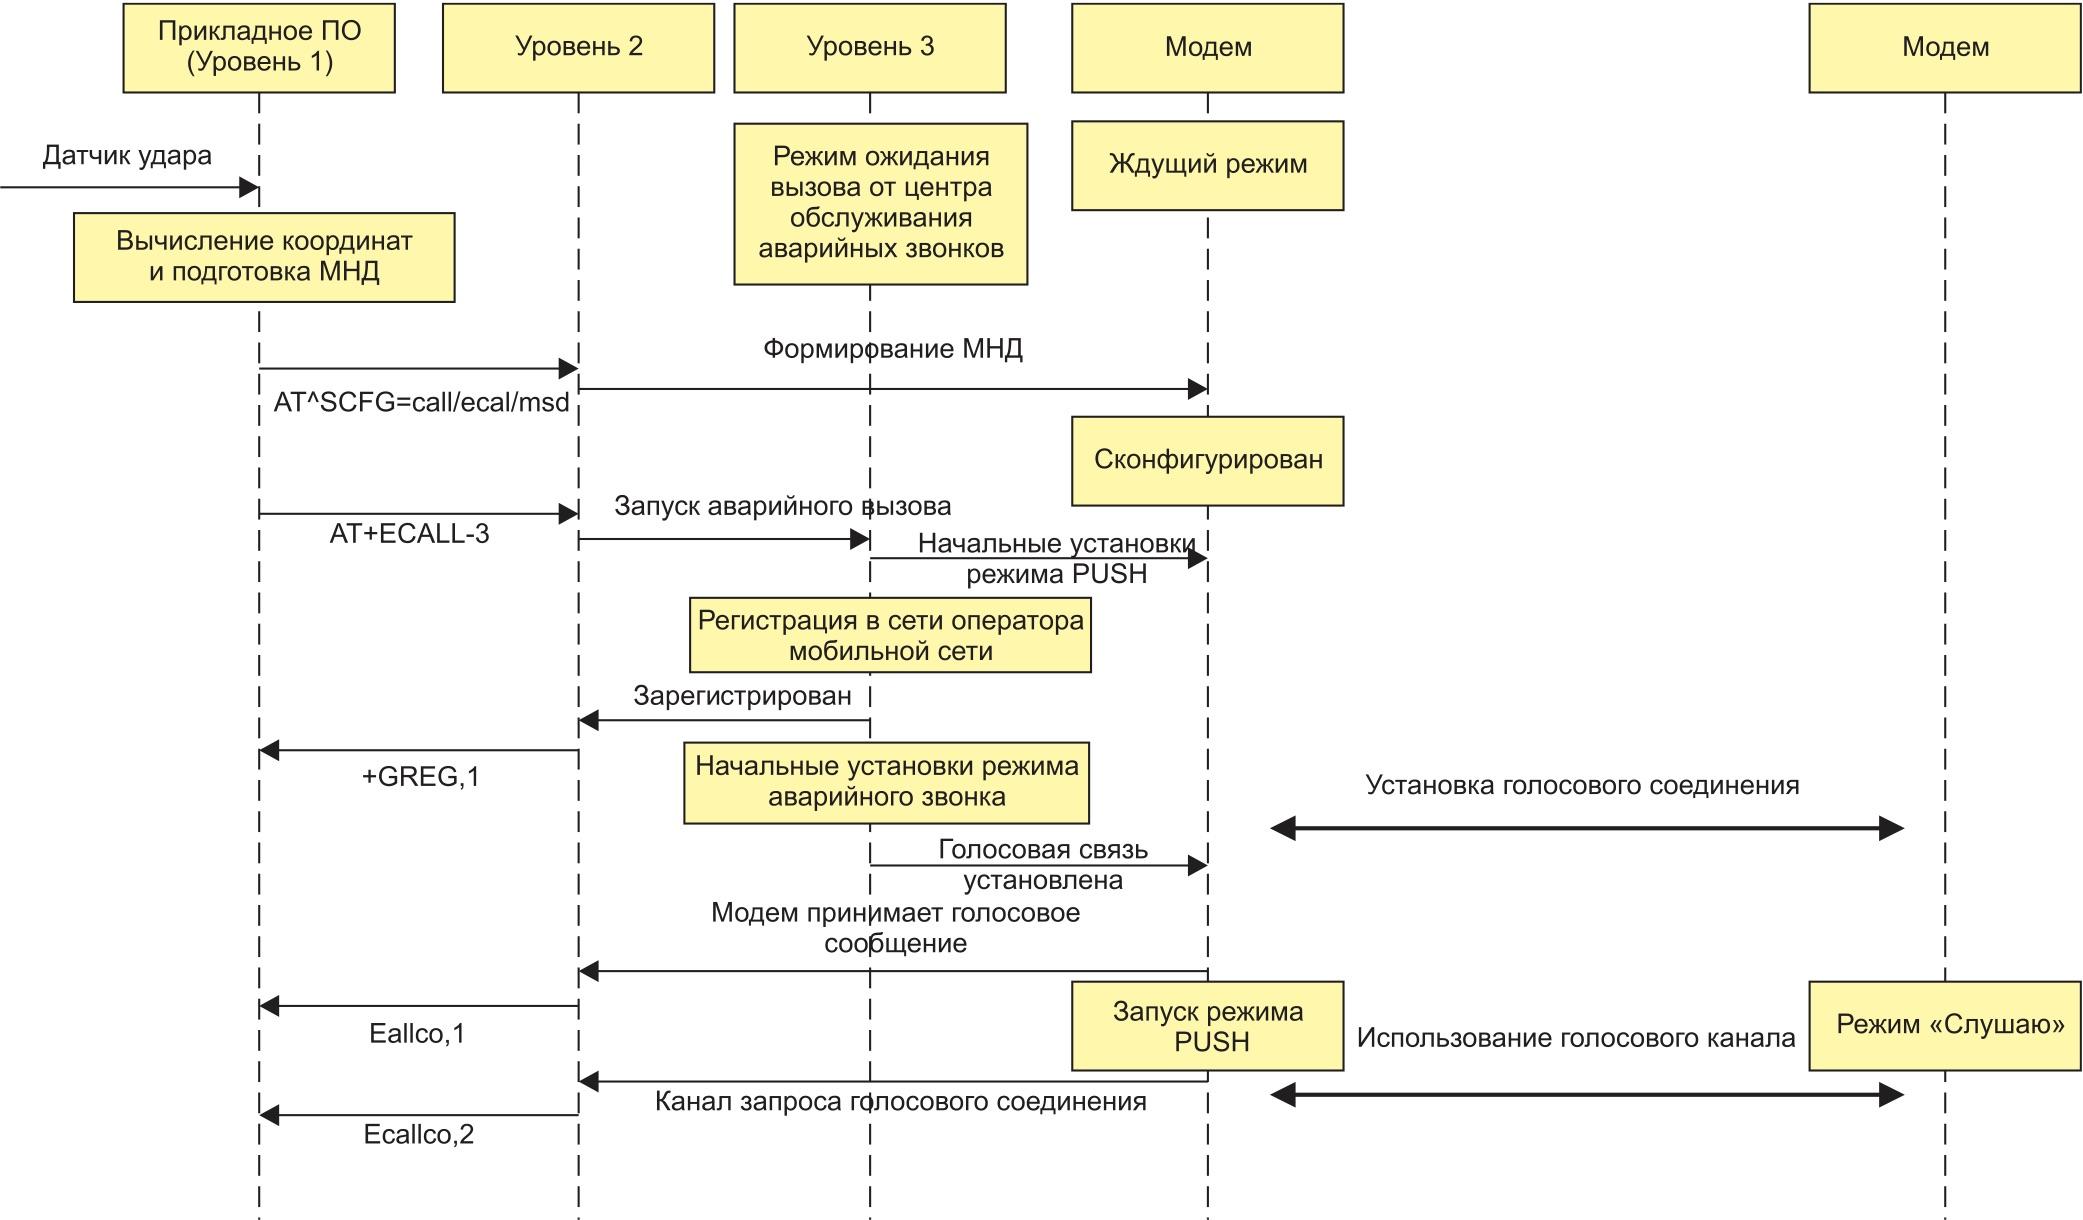 Поэтапная схема отправки МНД в режиме PUSH mode